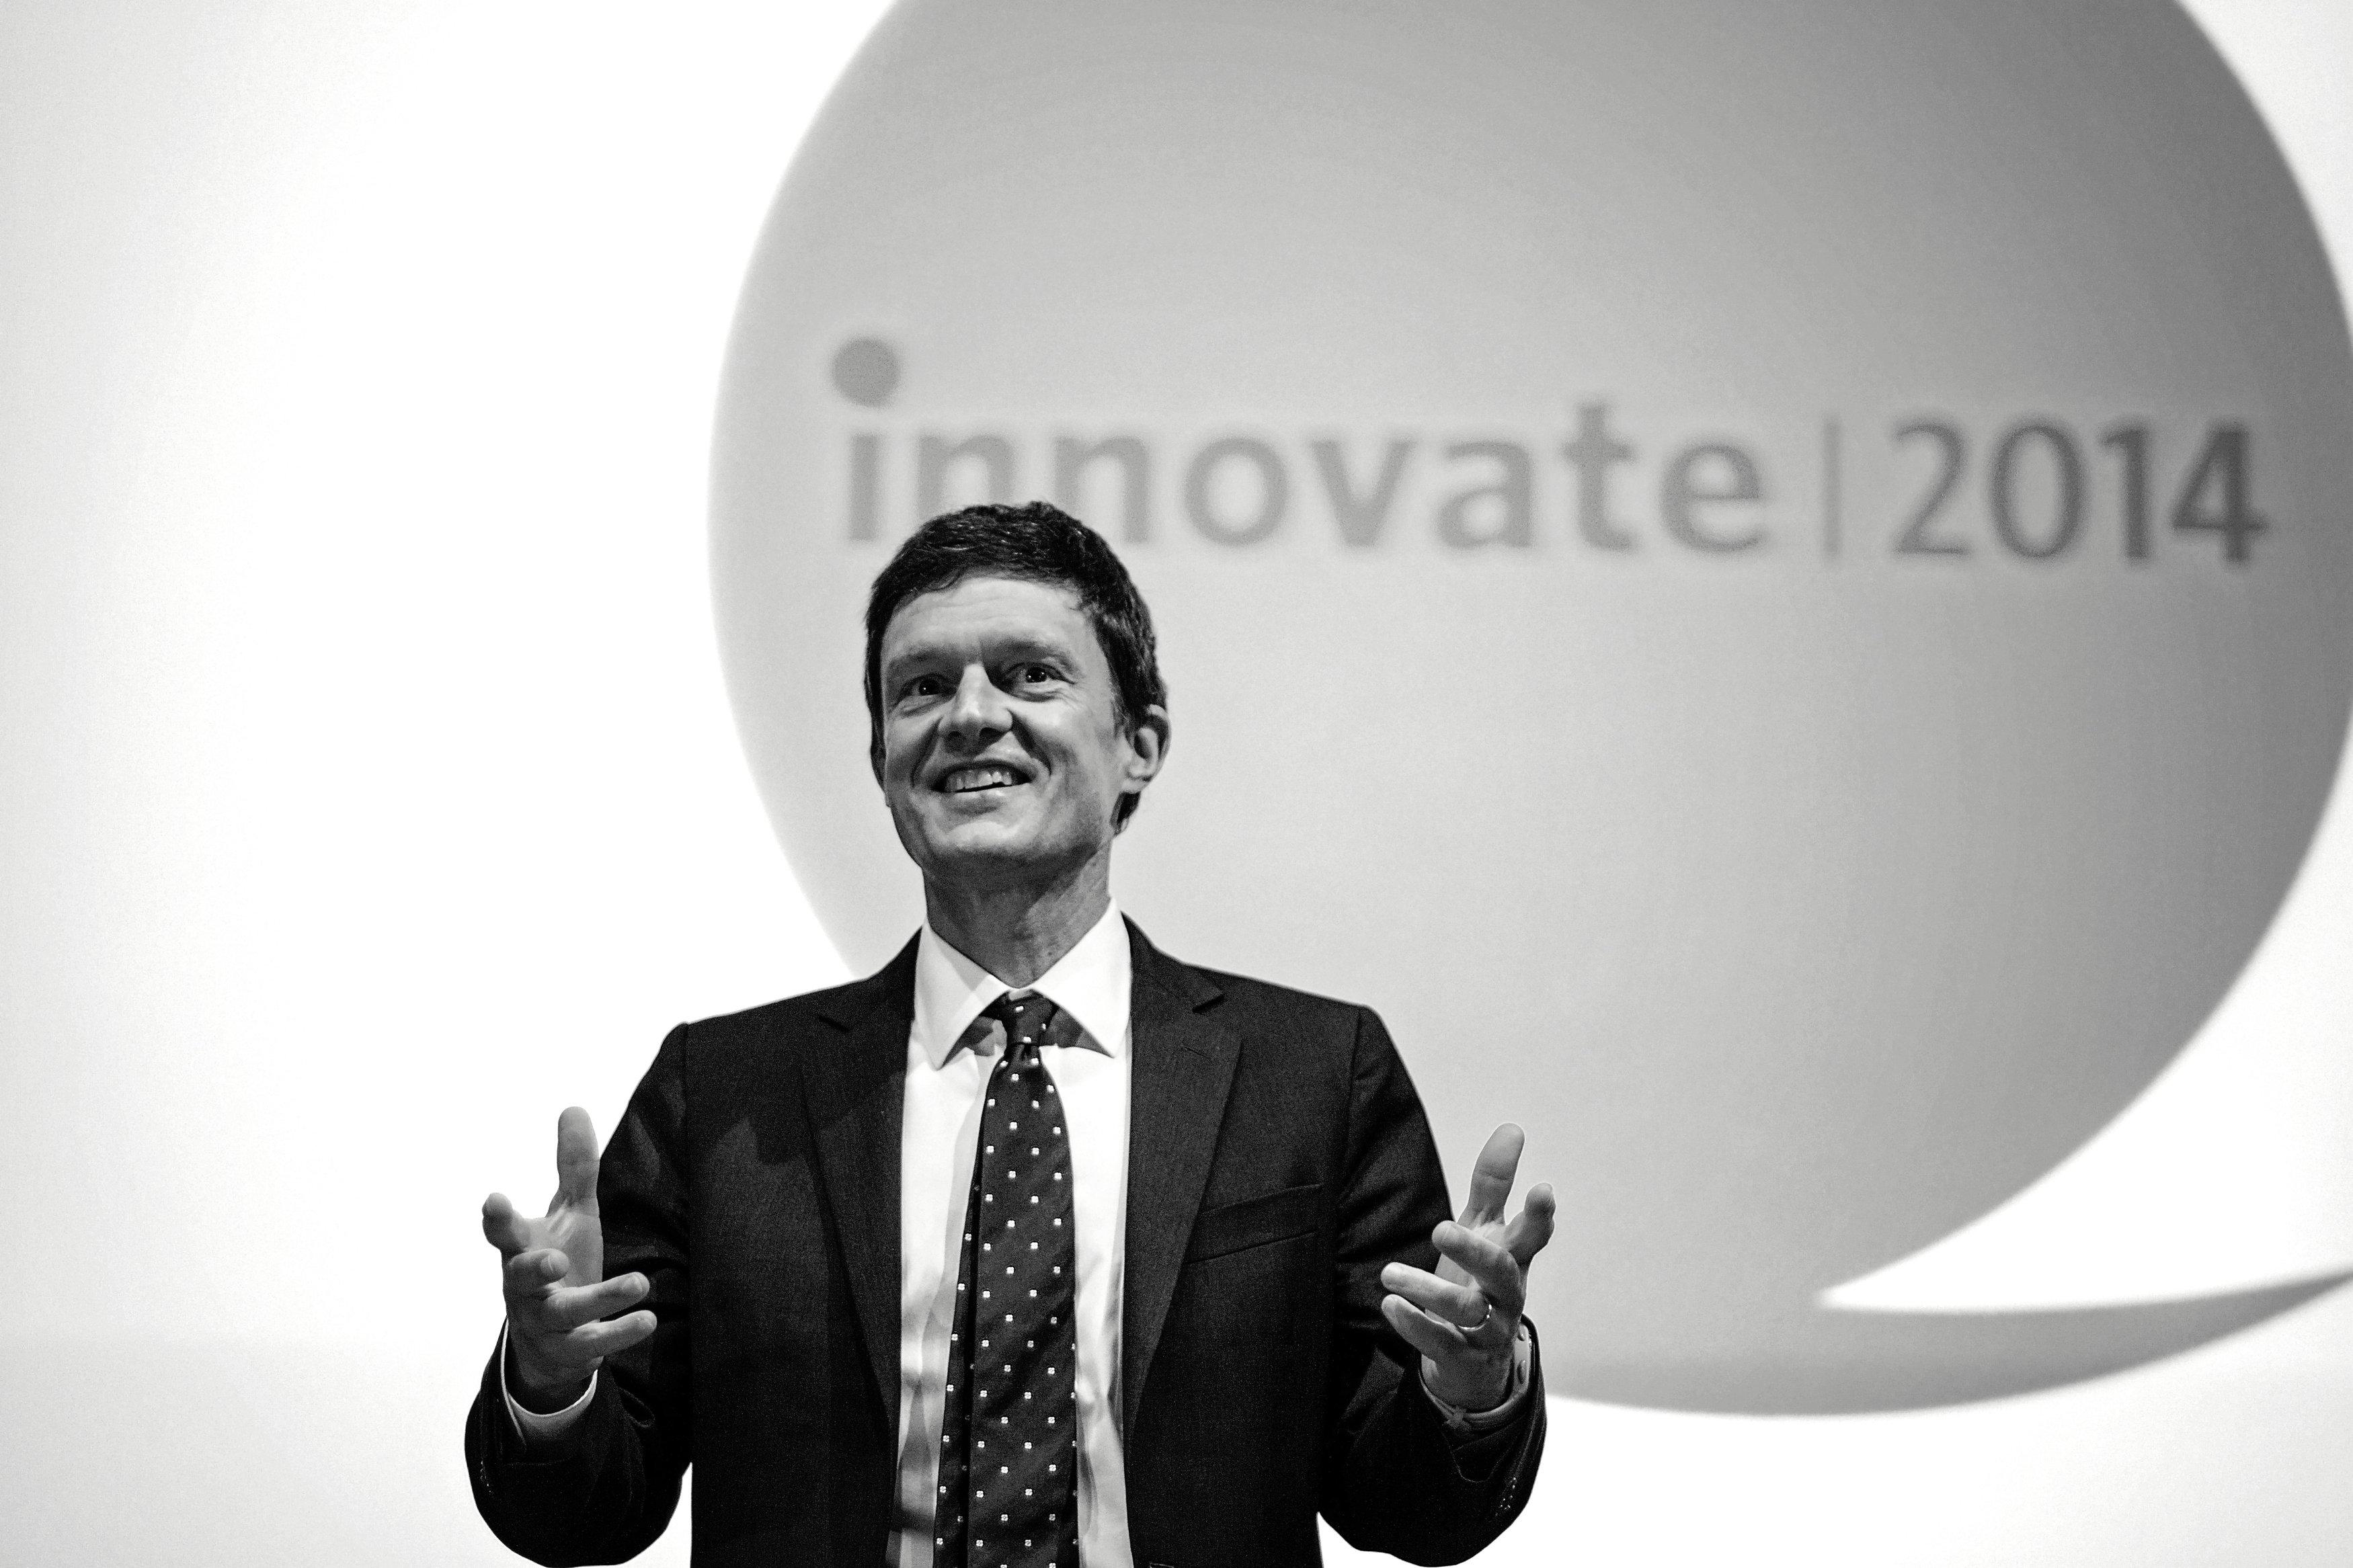 innovate | 2014